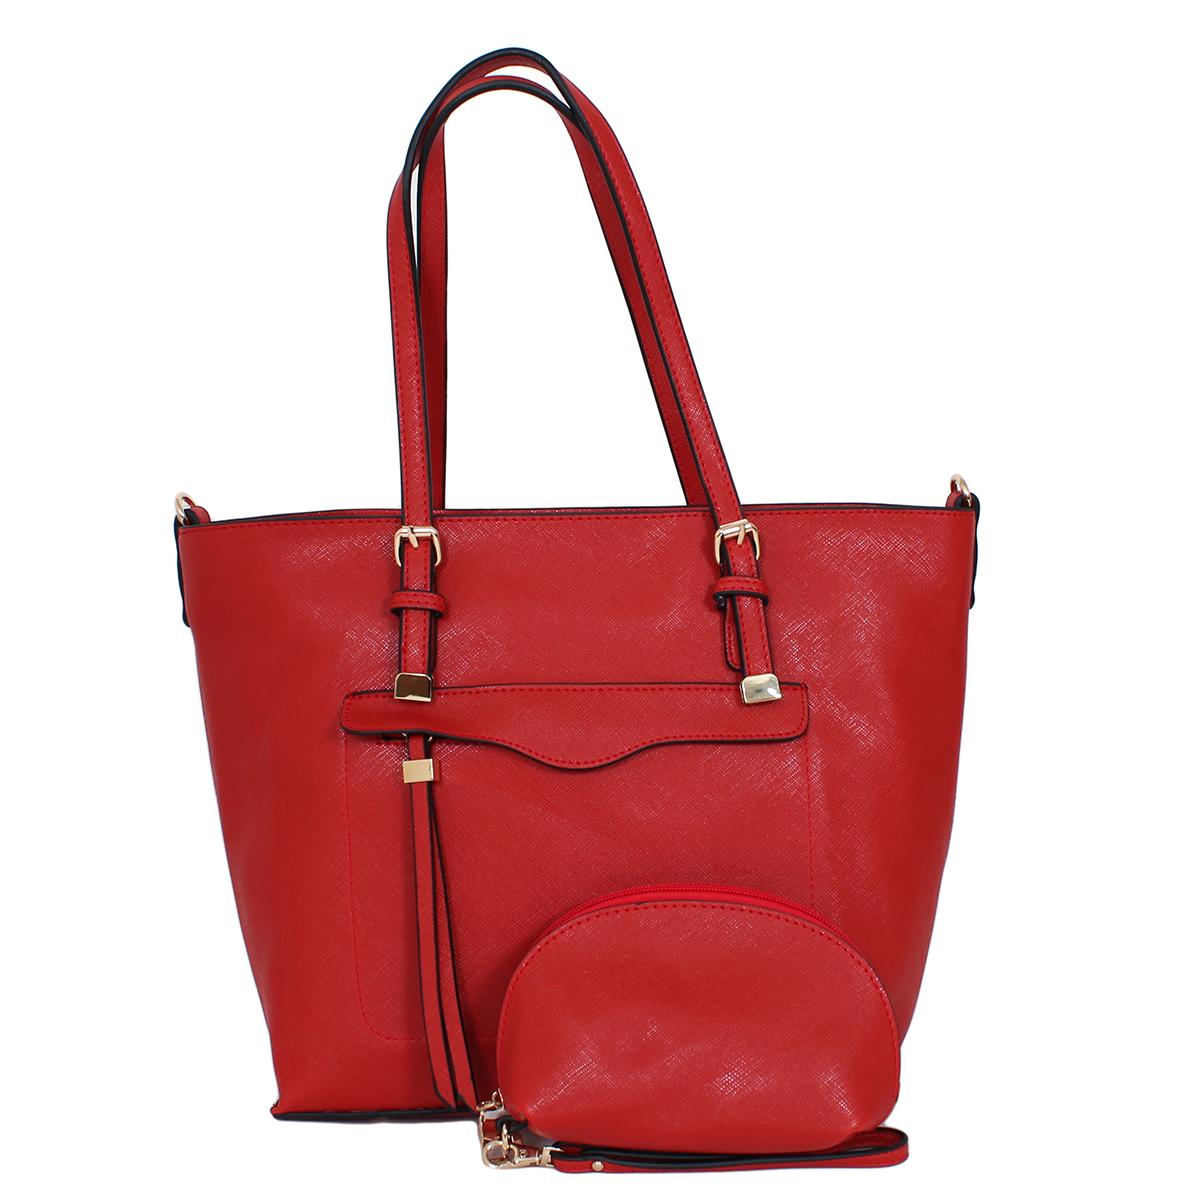 Сумка женская Flioraj, цвет: красный. 0005161600051616В комплекте сумка и косметичка. Сумка закрывается на молнию, внутри одно отделение, снаружи один карман на молнии. Косметичка закрывается на молнию, внутри одно отделение.